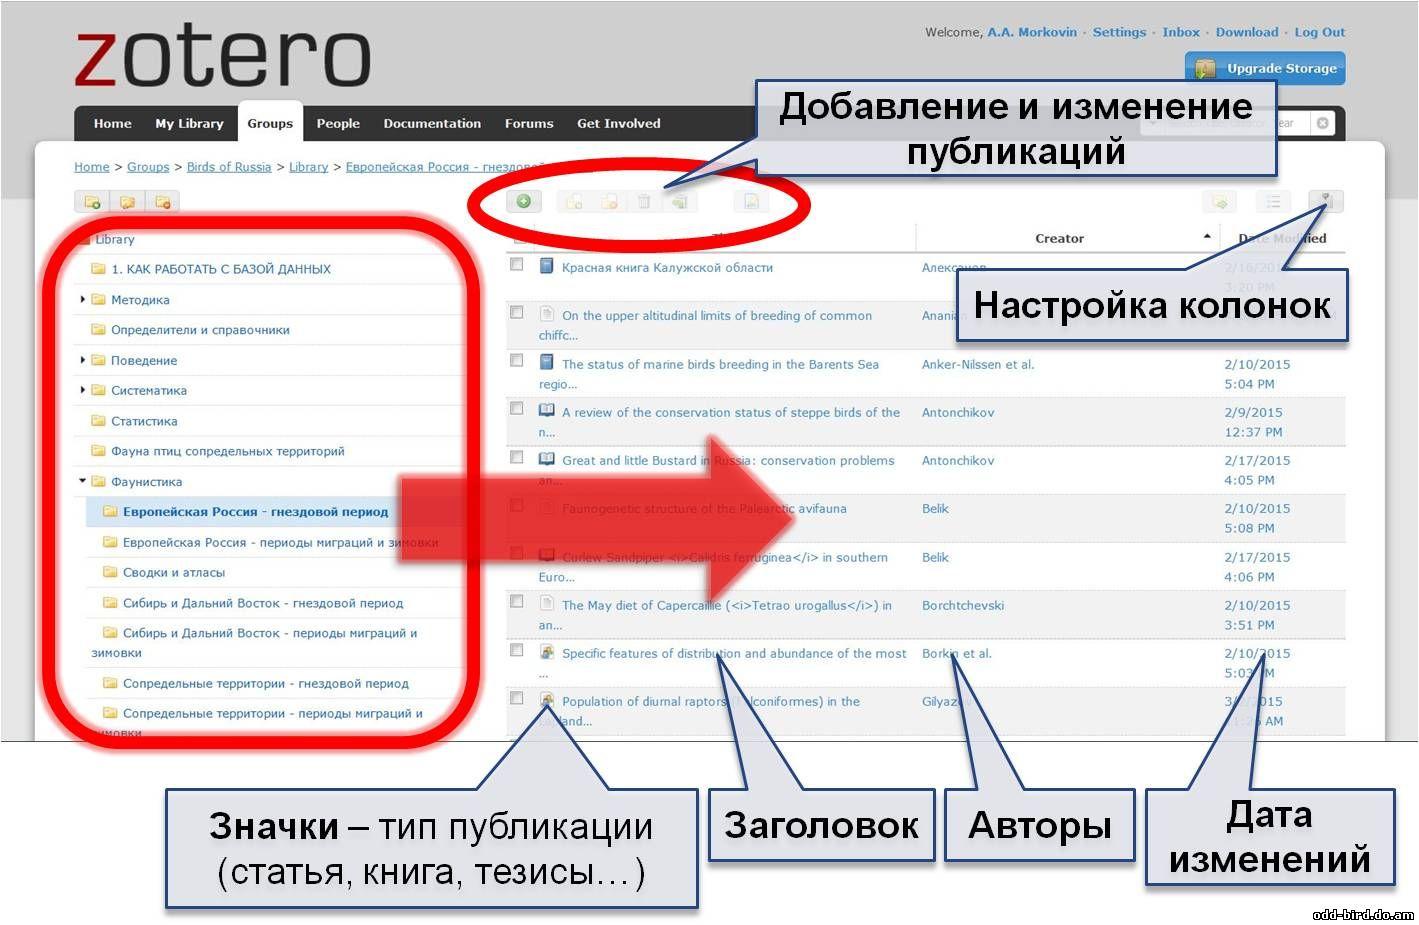 Онлайн-интерфейс Zotero